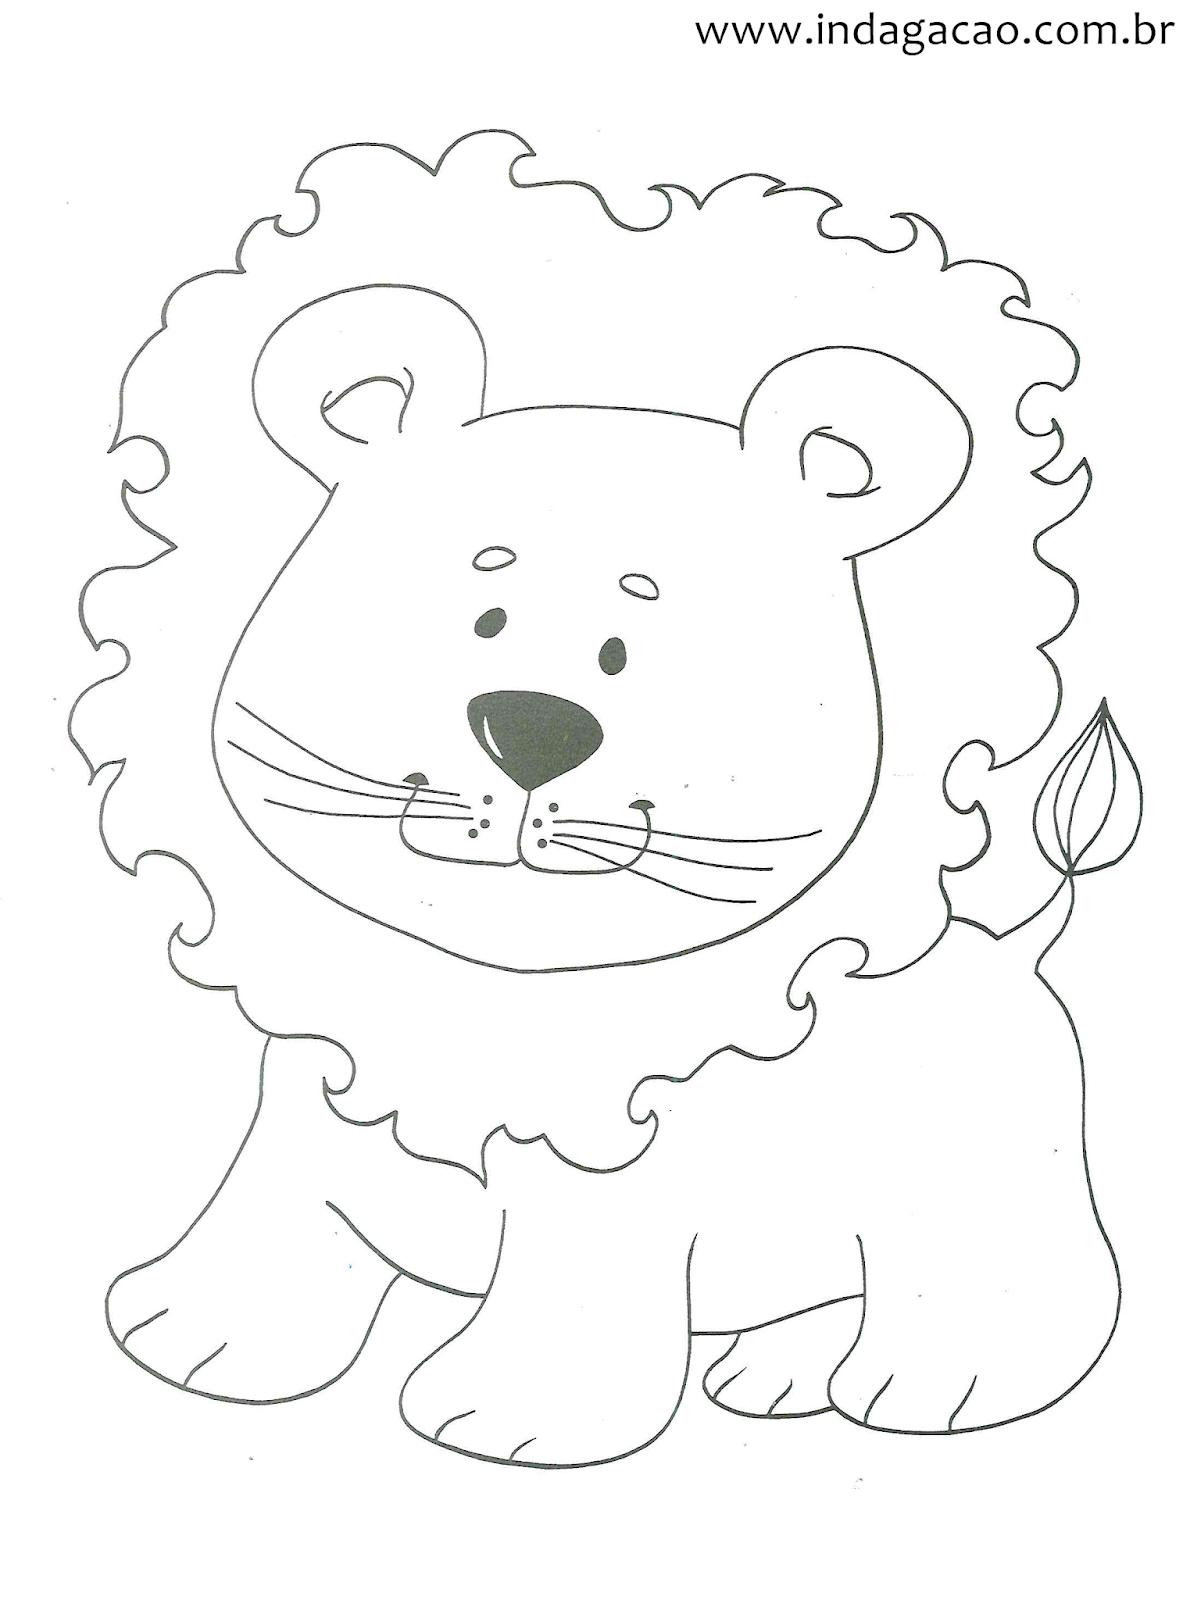 Desenho Do Leaozinho Para Crianca Colorir Indagacao